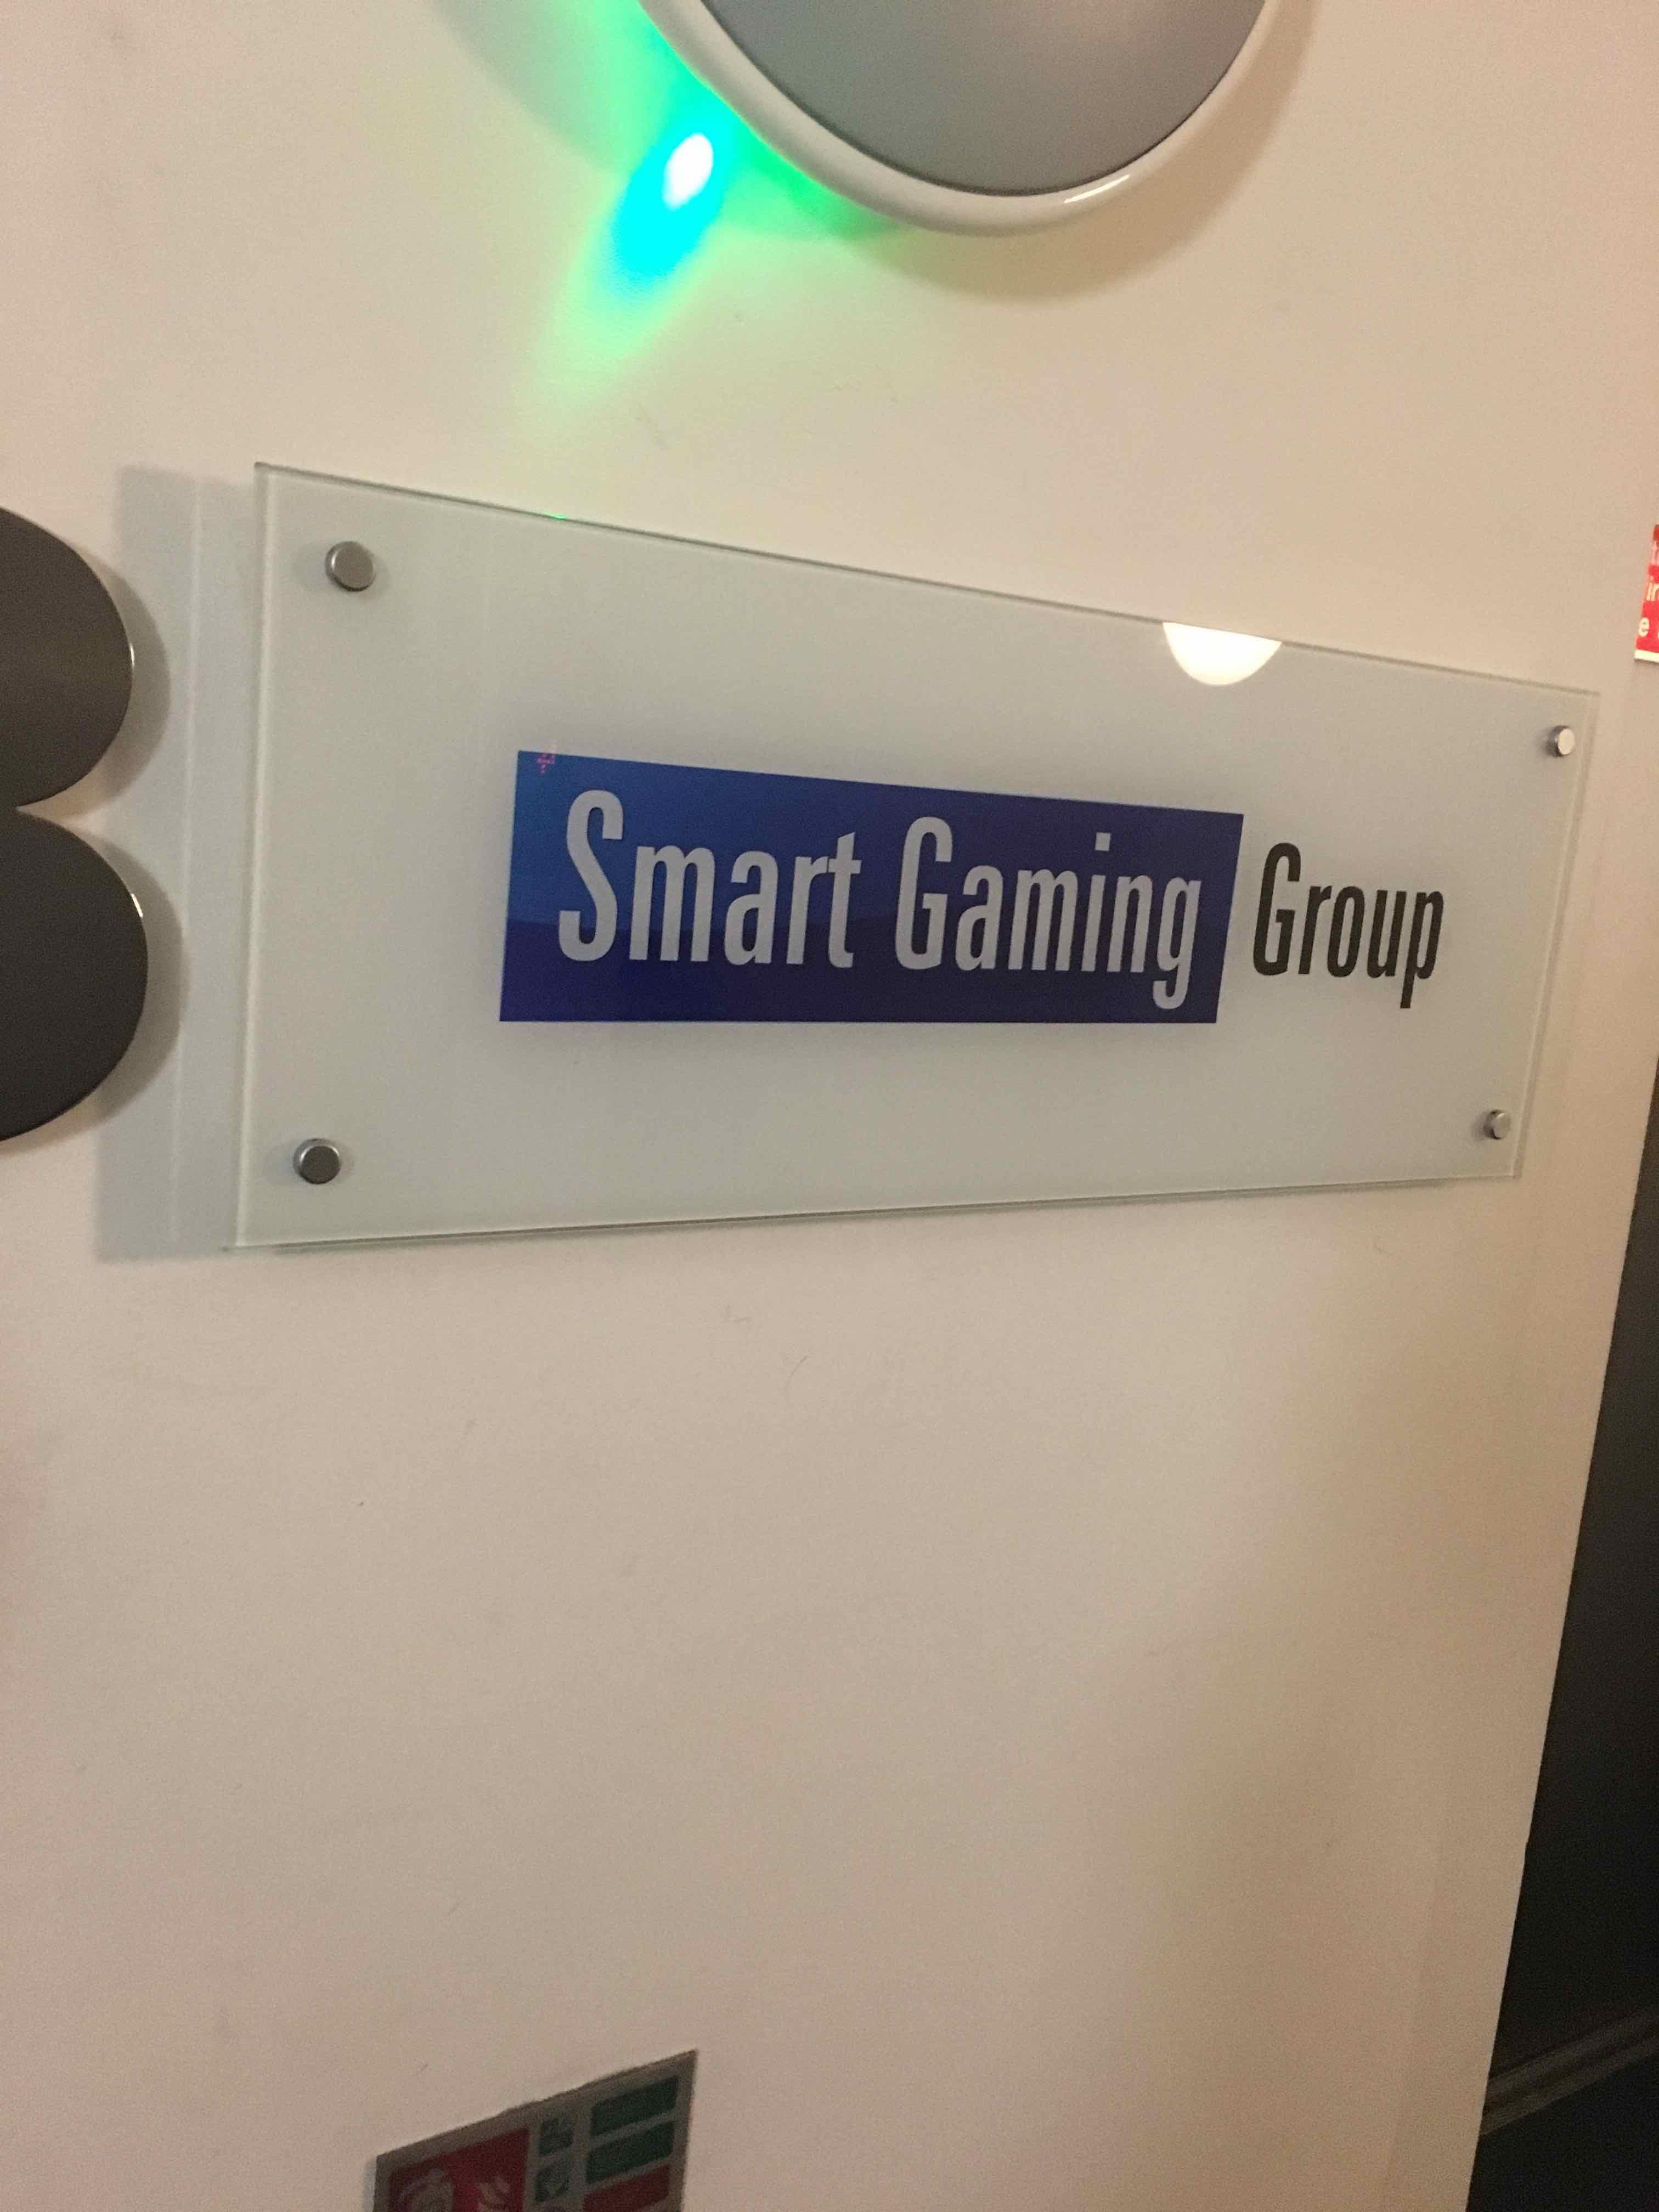 3階と思われる場所の「Smart Gaming」という表札画像